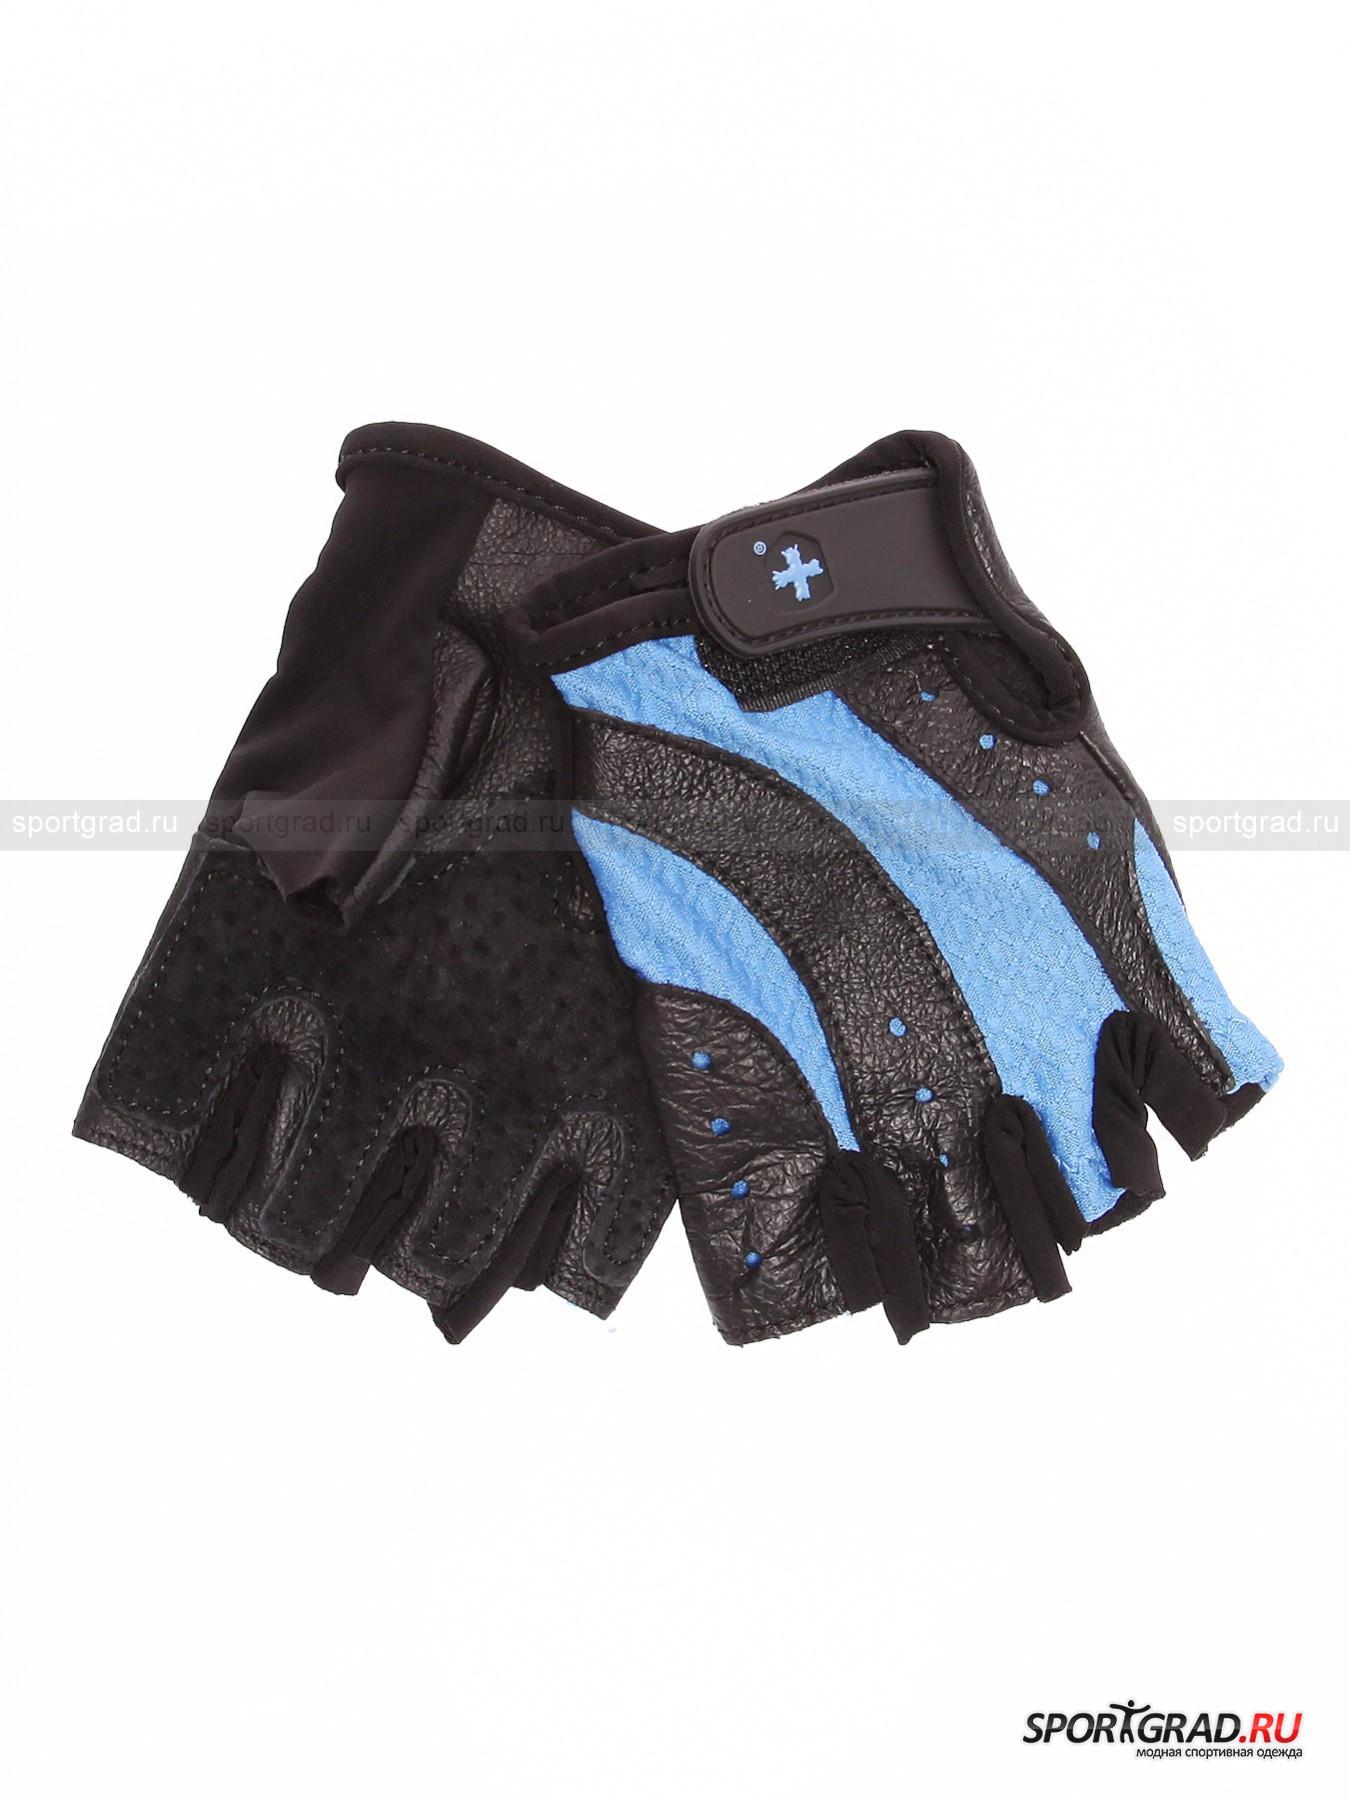 Перчатки для занятий фитнесcом Womens PRO HARBINGER от Спортград